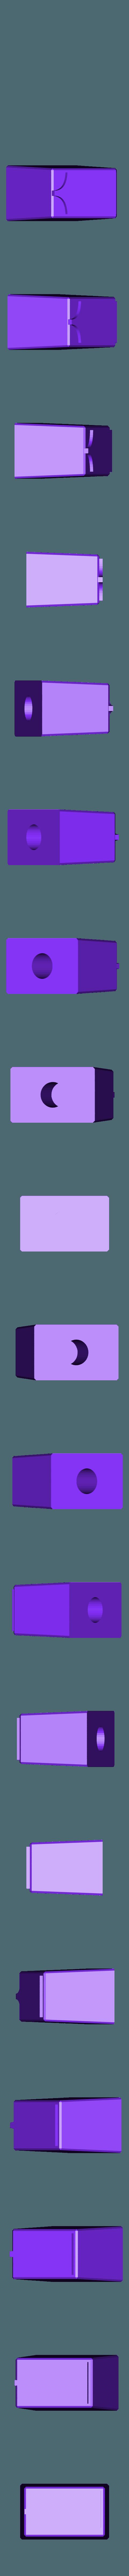 knob-front_square_x2.stl Télécharger fichier STL gratuit Ghostbuster Ghostbuster Ghosttrap • Modèle pour impression 3D, SLIDES